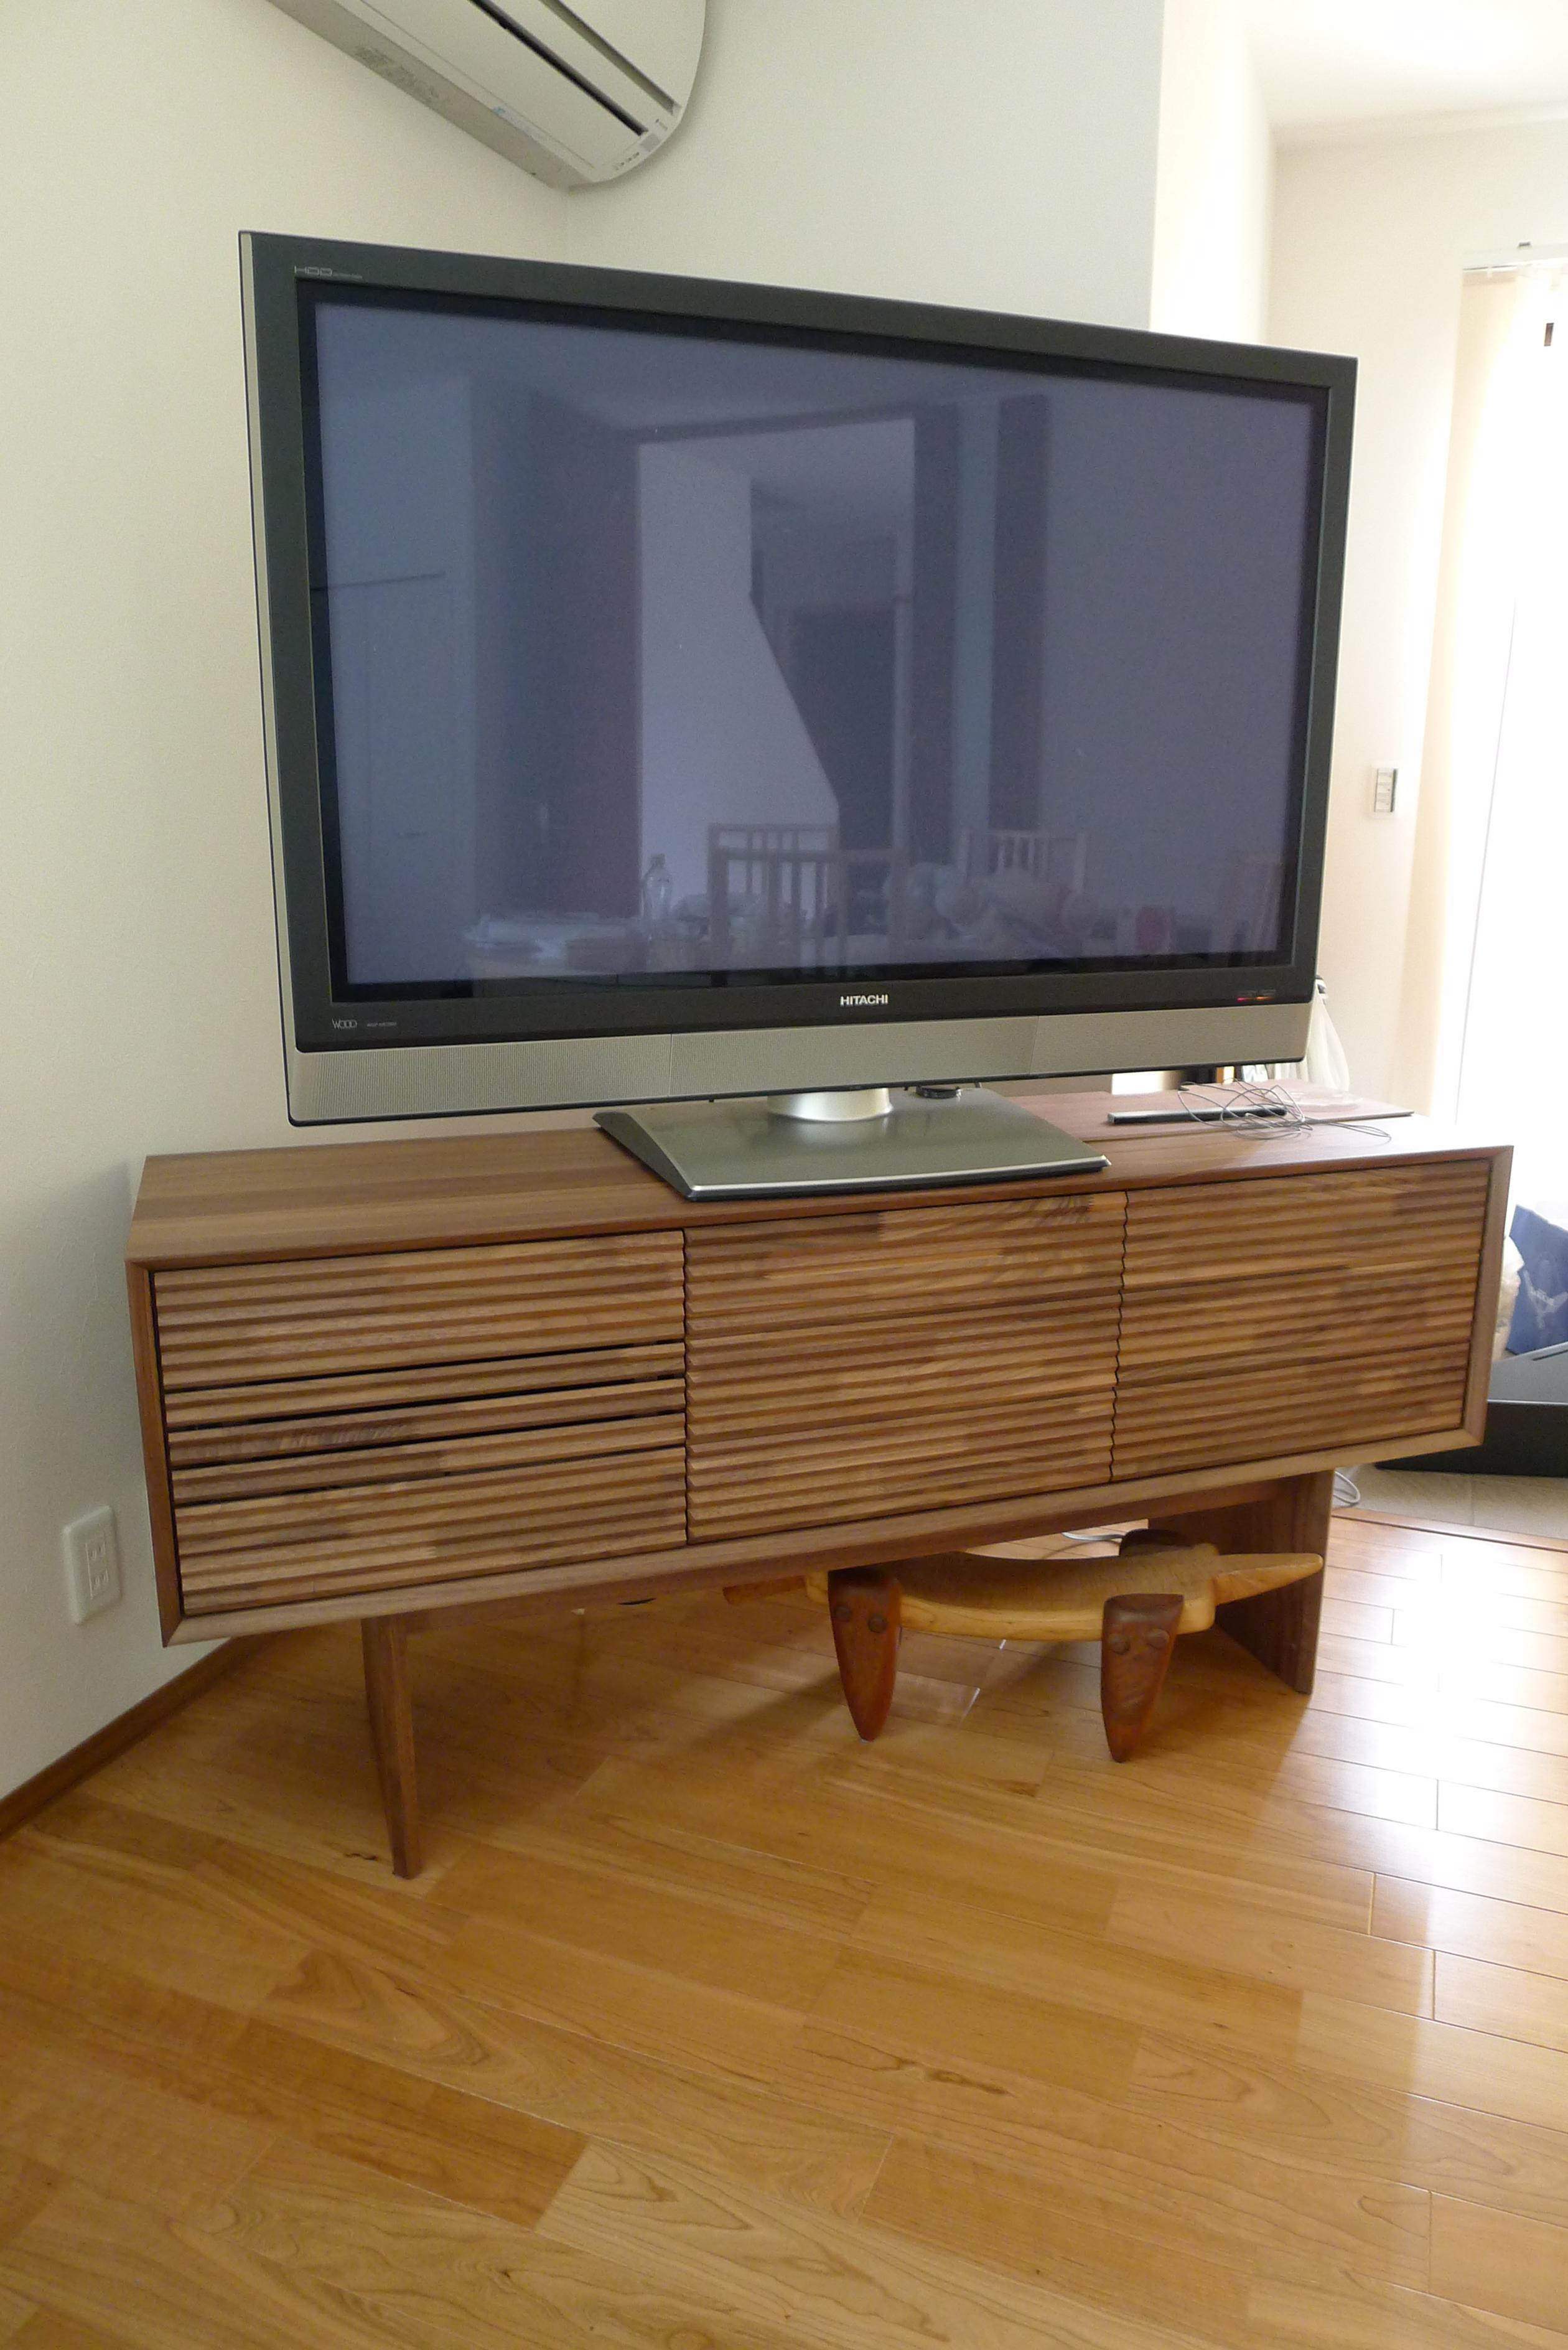 和泉市のS様にカリモク家具ソリッドボードQT5037XR-Yをお届けいたしました。